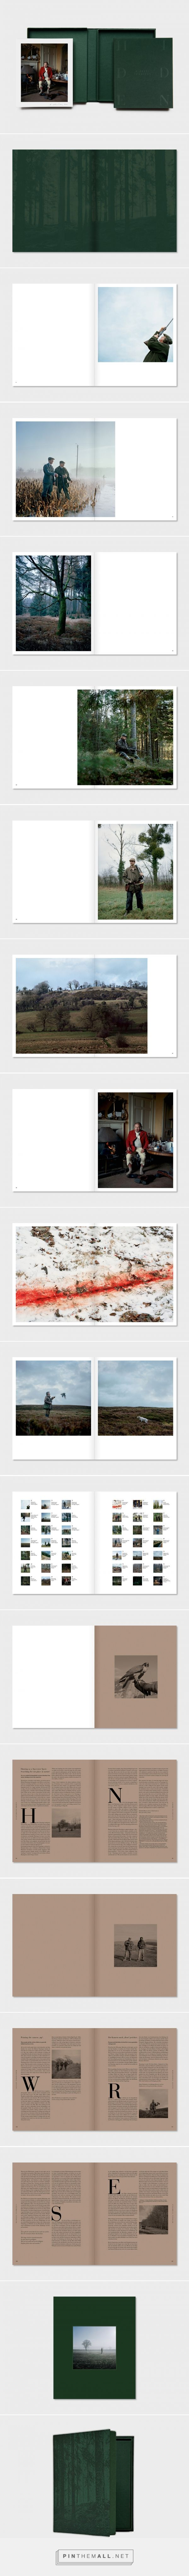 #layout #photobook #book Studio Martin Steiner › Michael Tummings - created via https://pinthemall.net